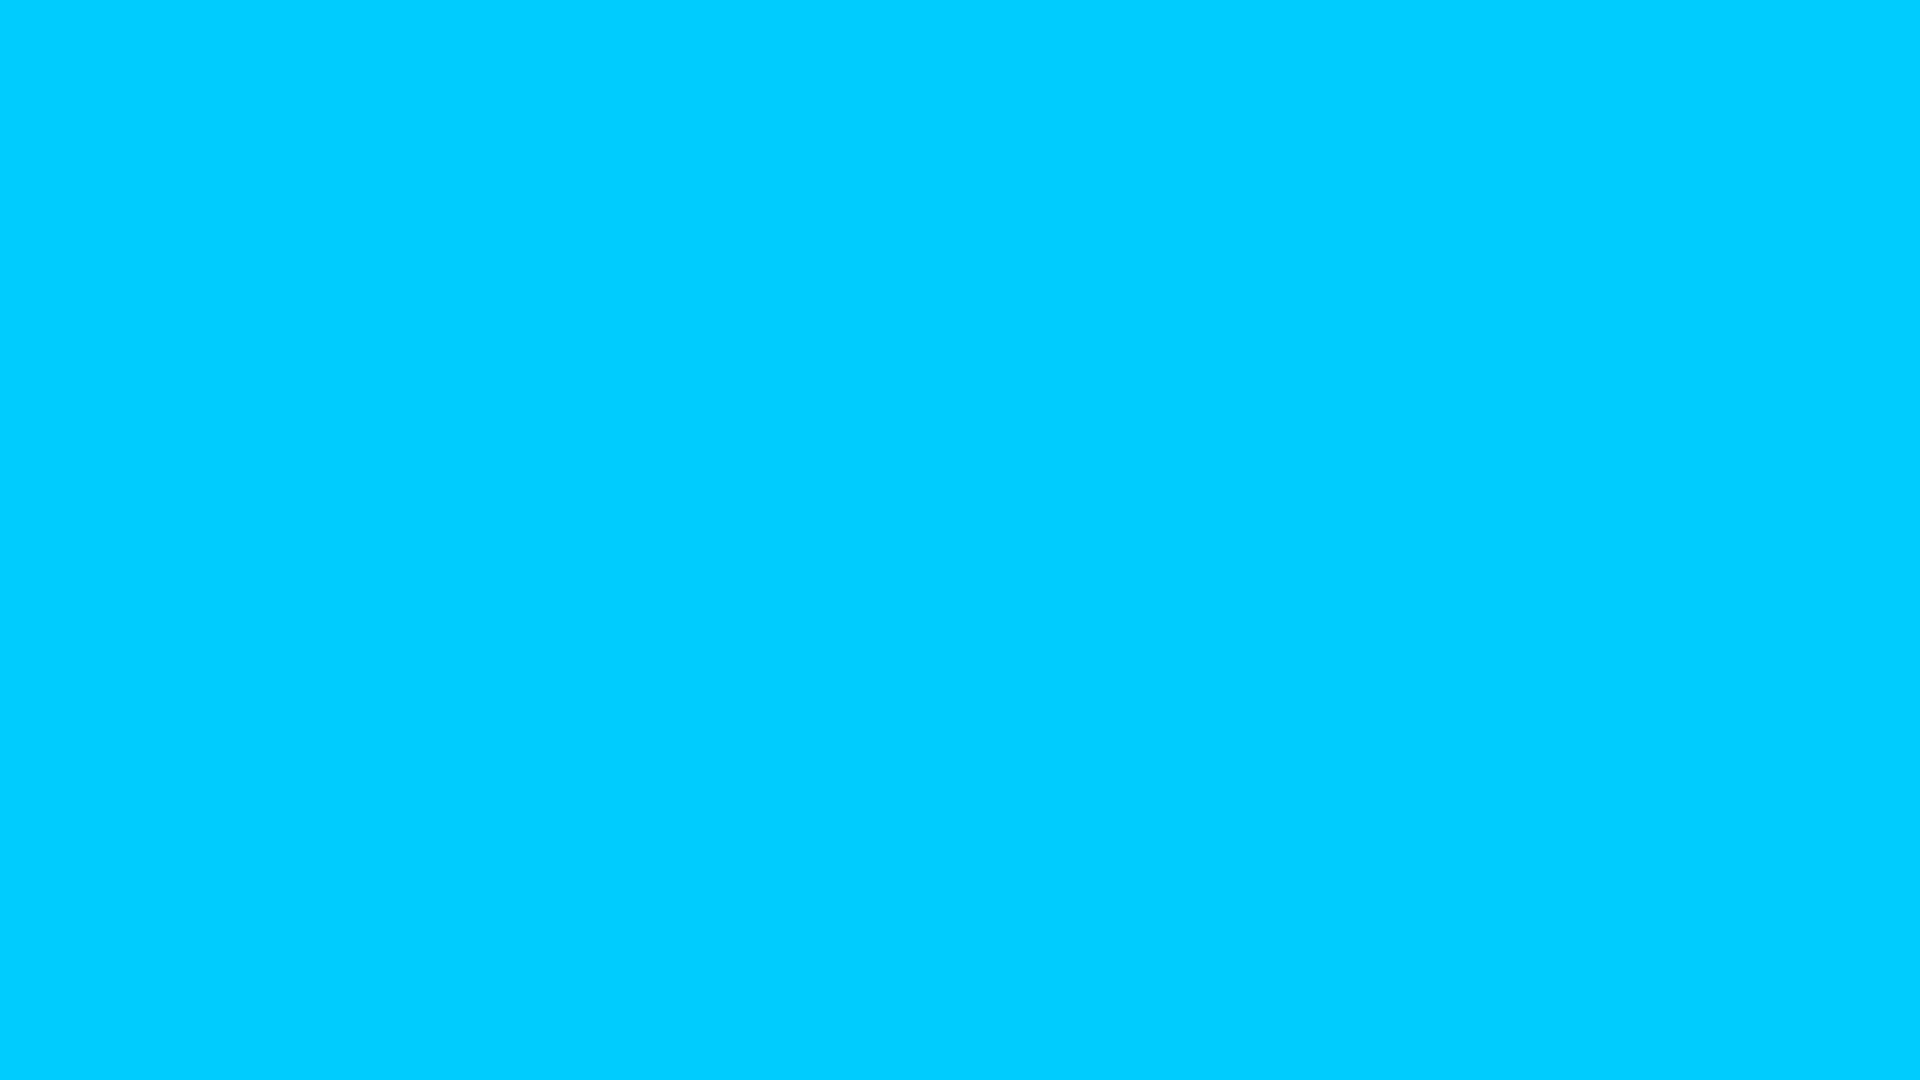 Plain Blue Image